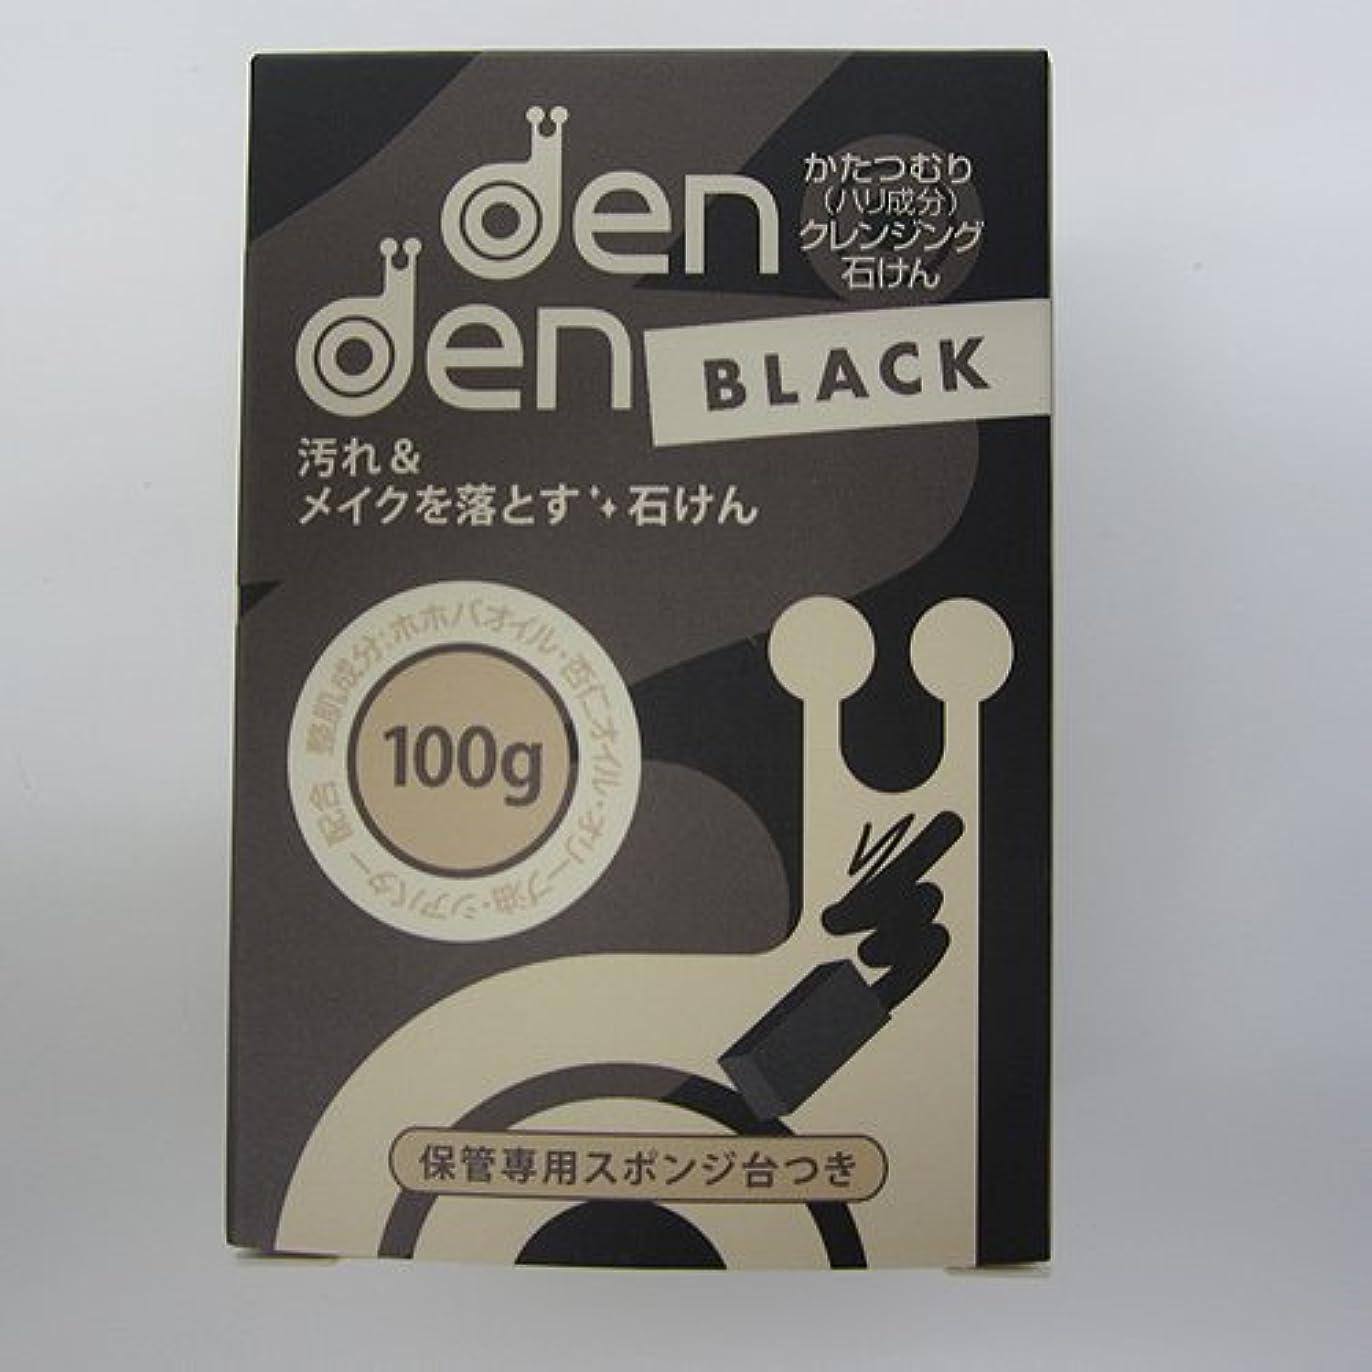 咲く太字丈夫DenDen かたつむりクレンジング石けん デンデンブラック